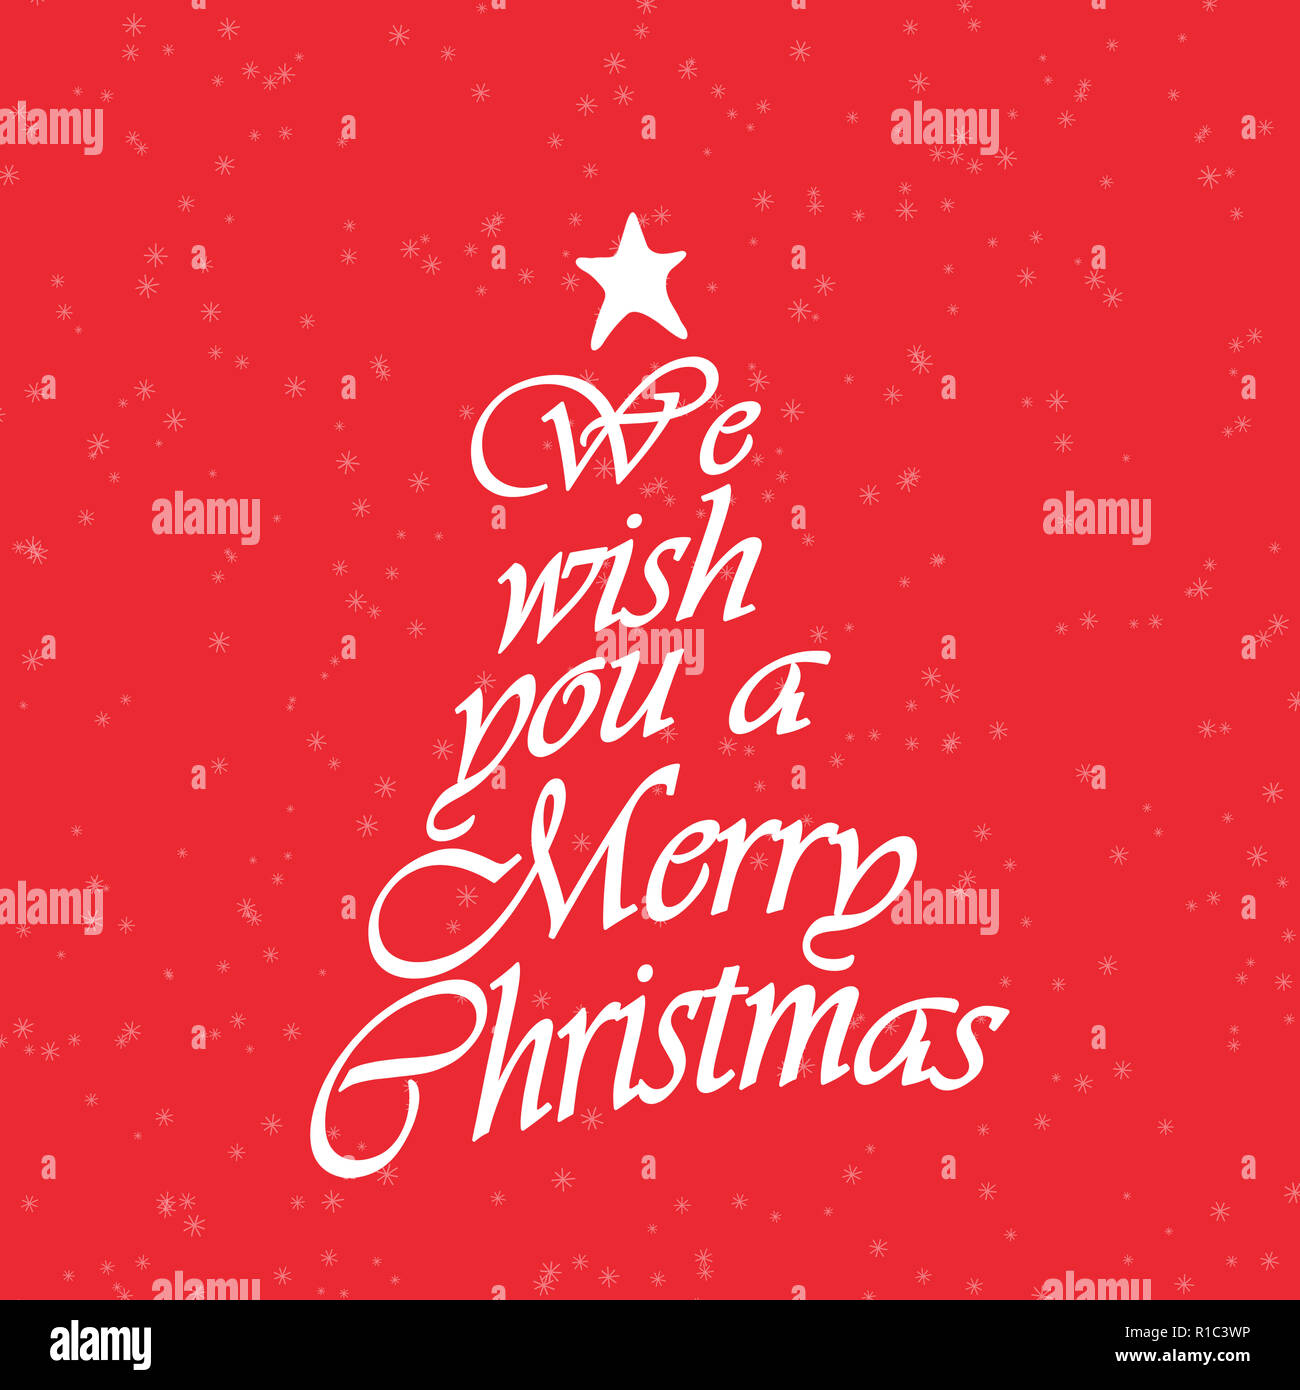 Wir wünschen Ihnen frohe Weihnachten Text. Kalligraphie text für ...